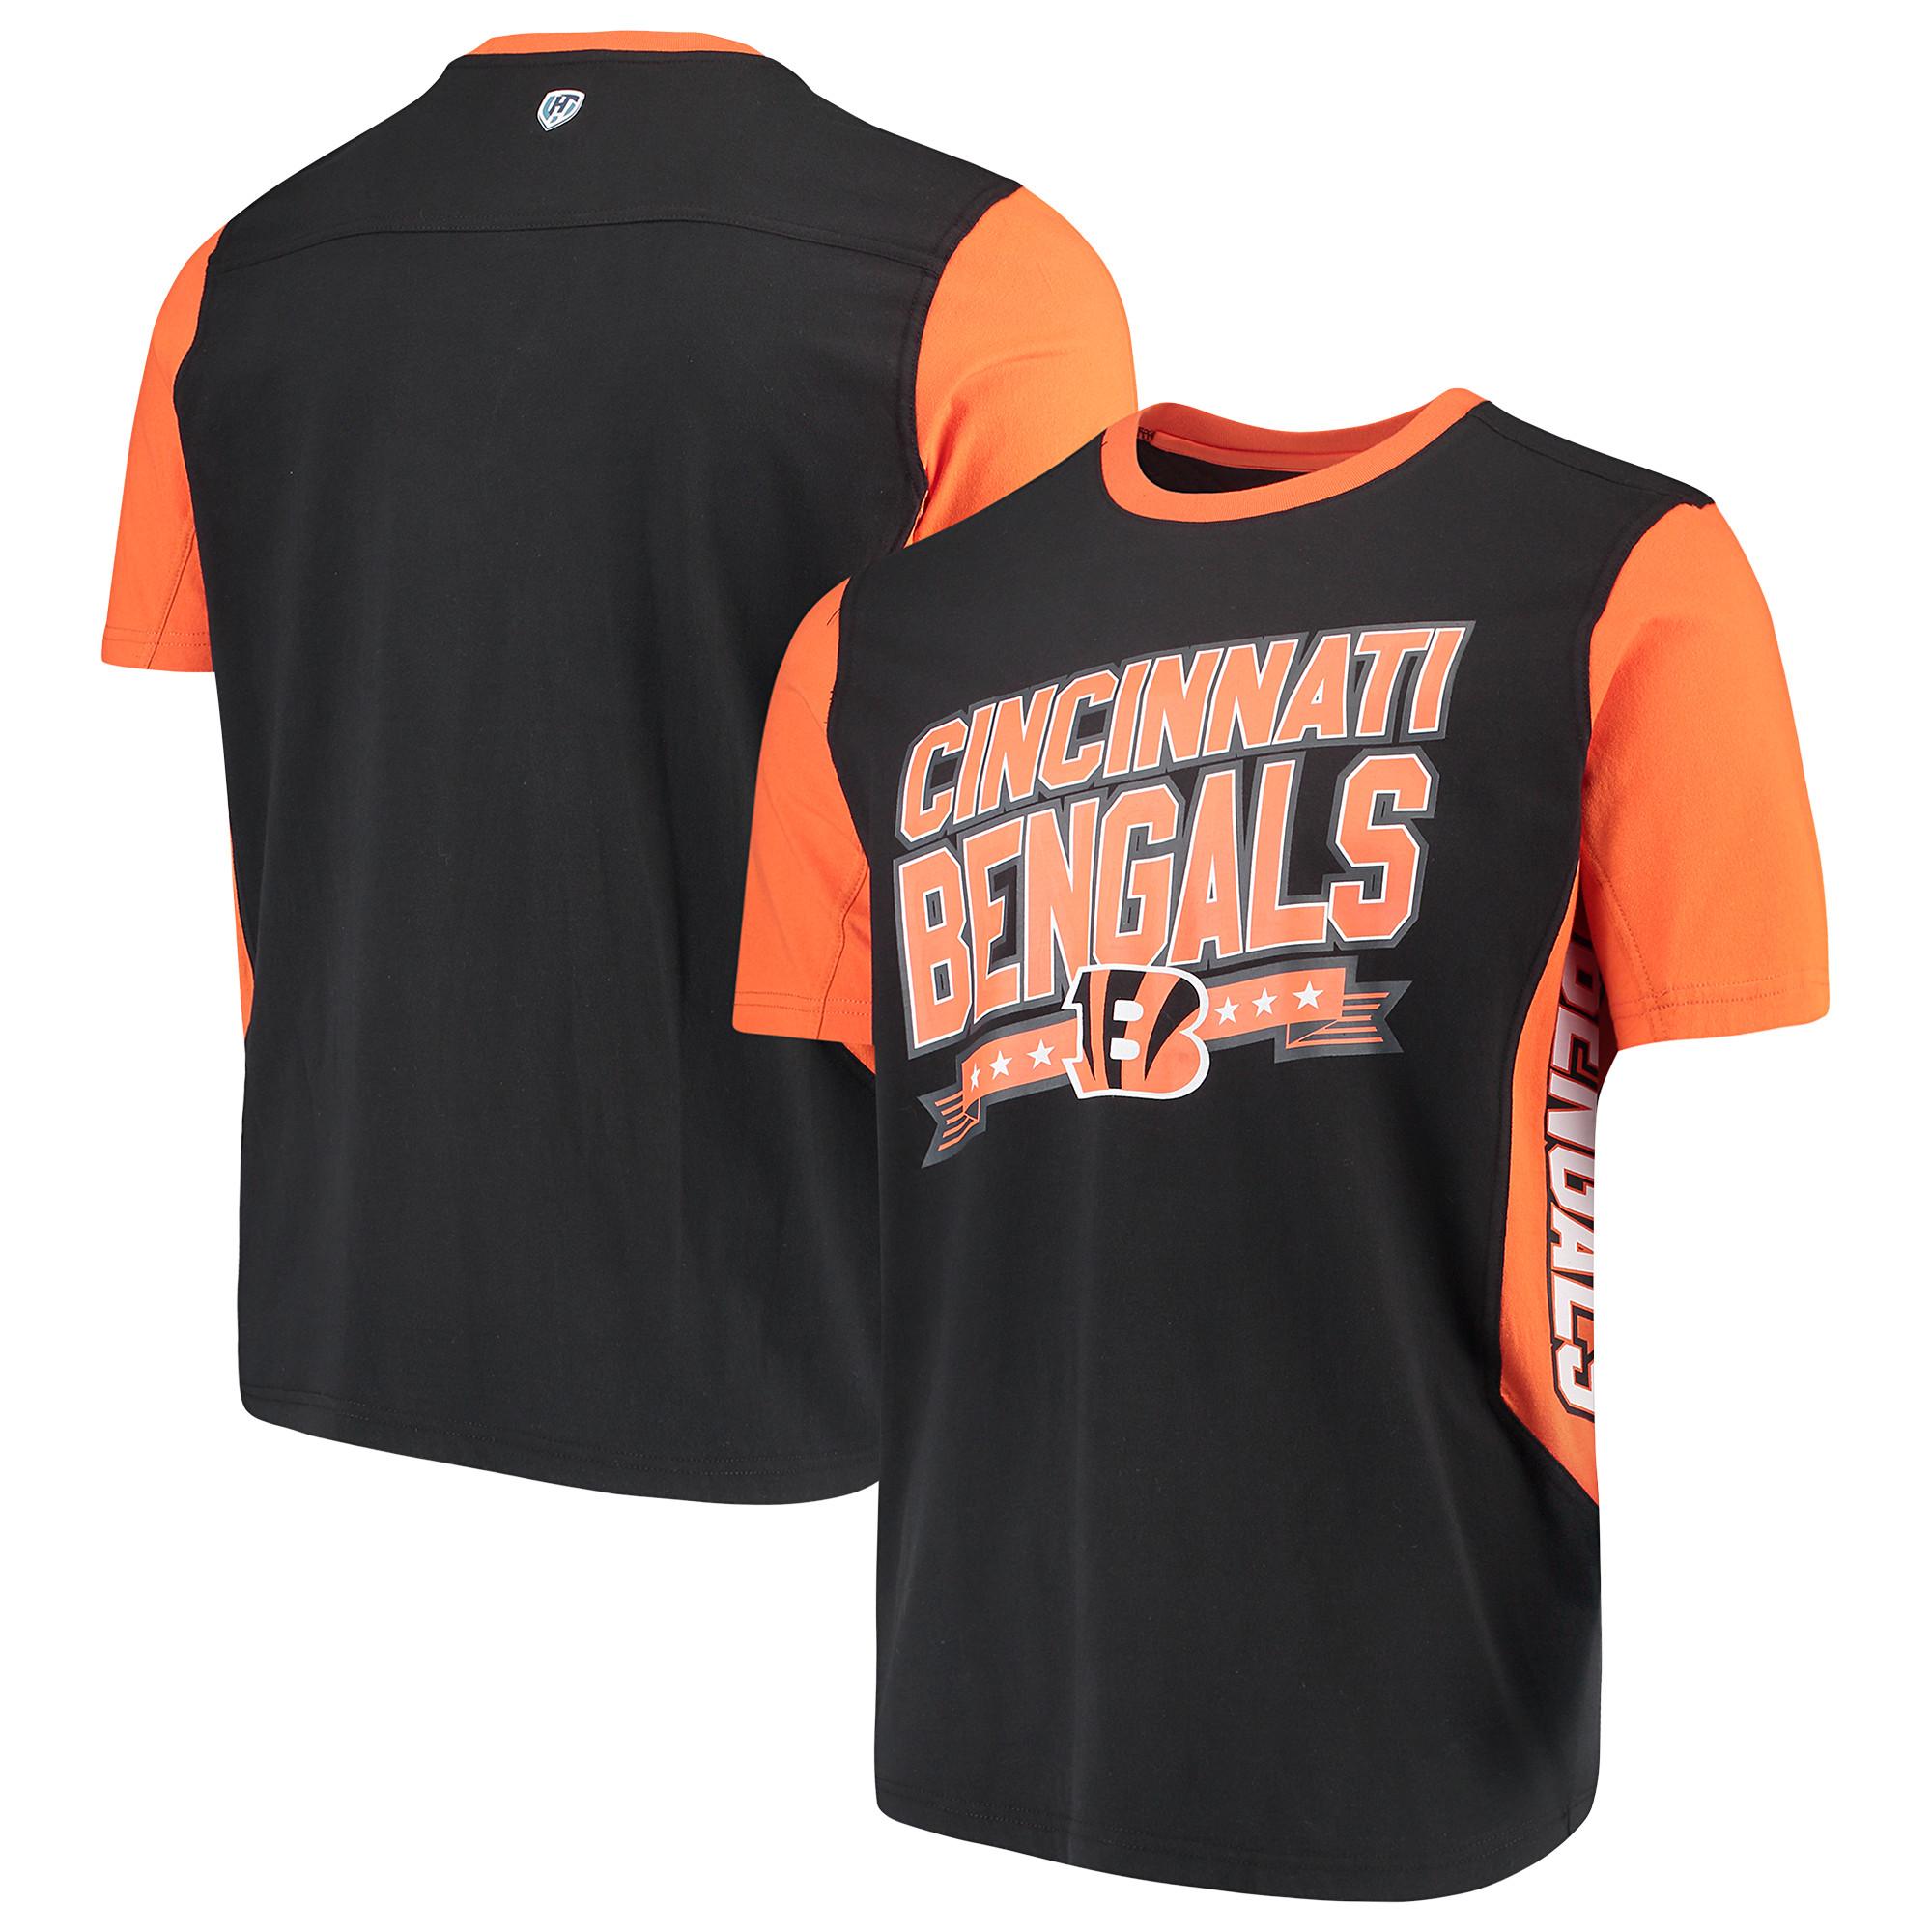 Cincinnati Bengals Hands High Rally T-Shirt - Black/Orange